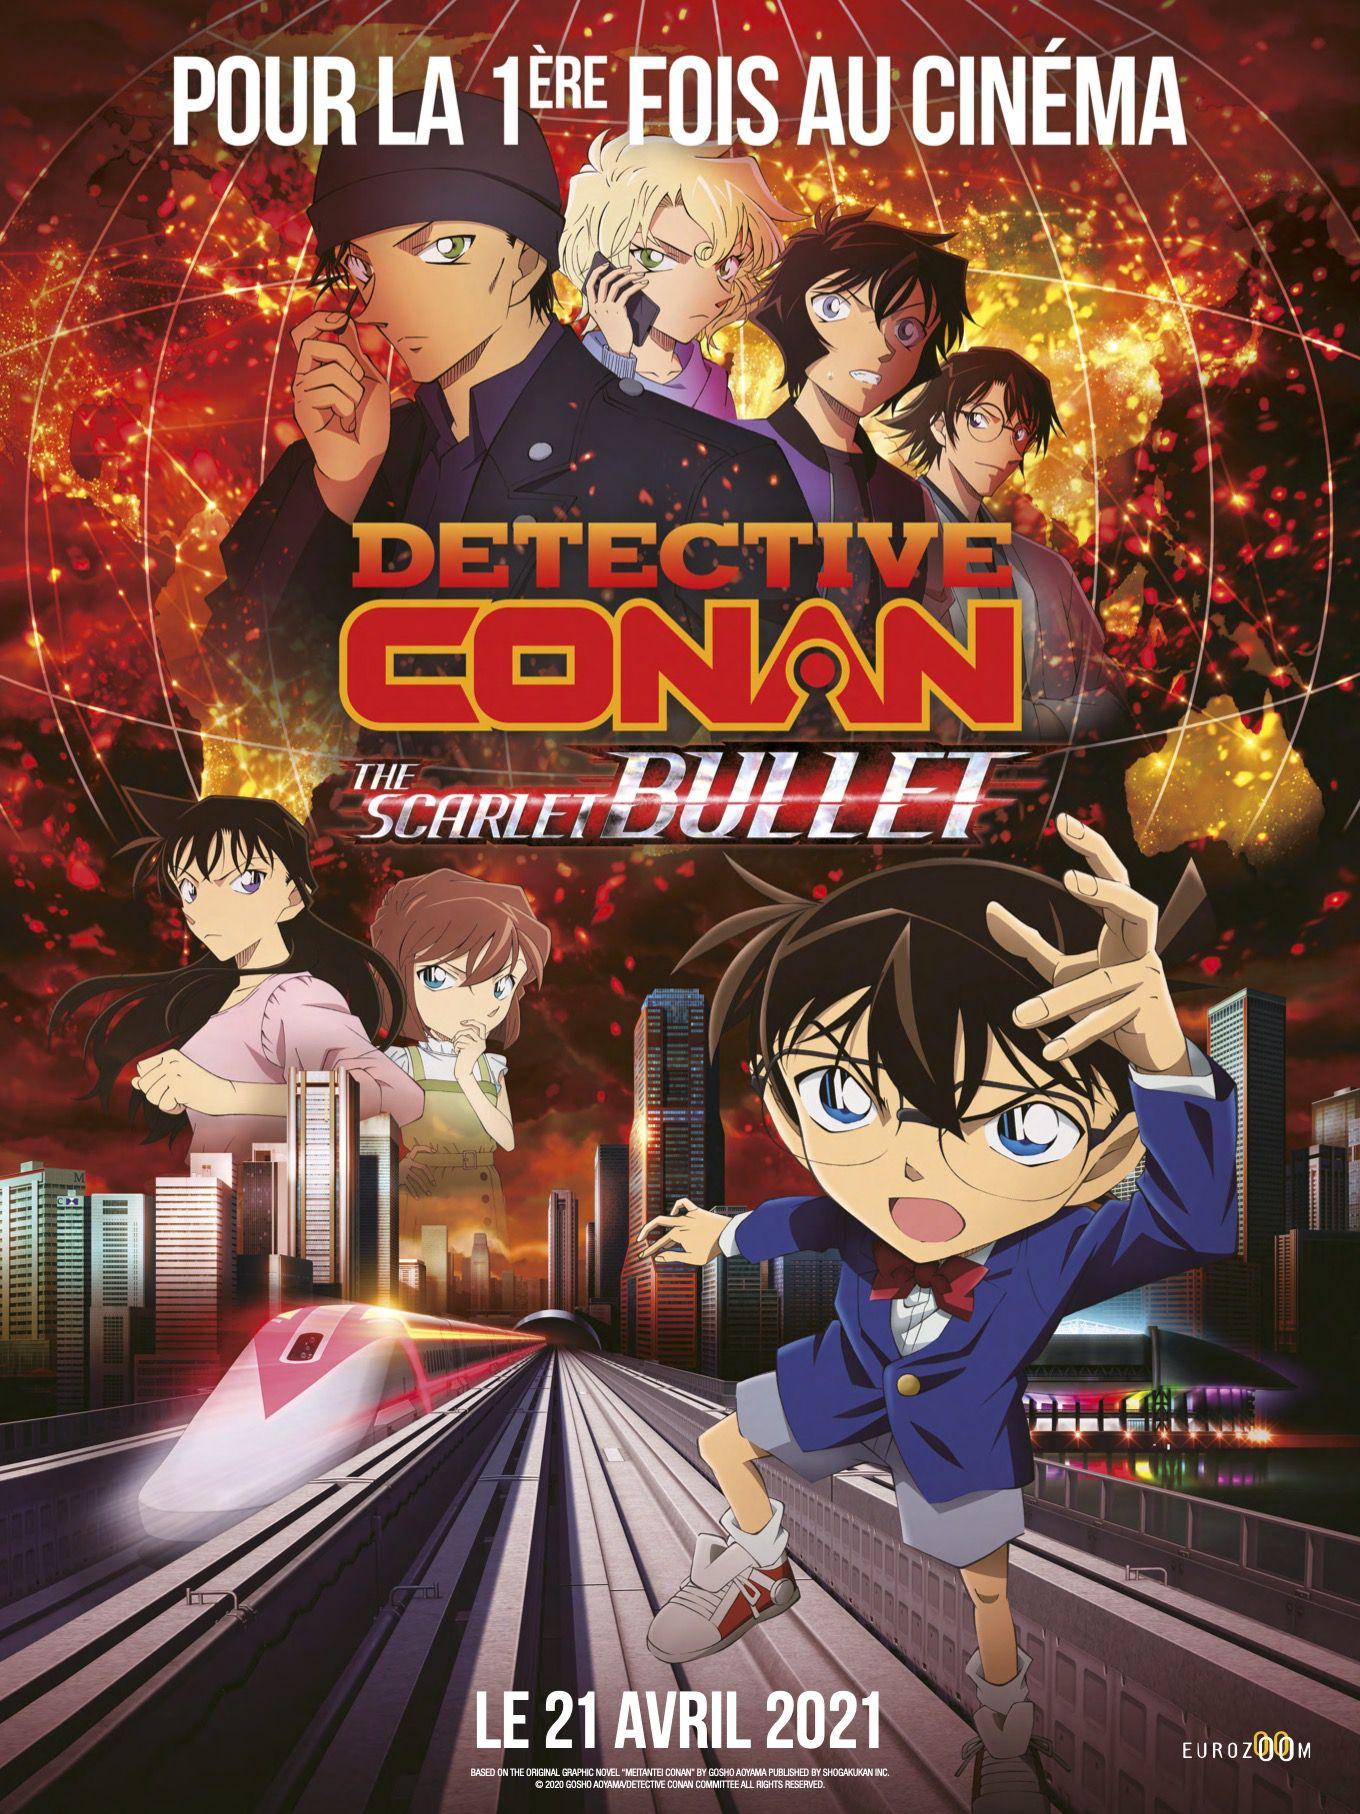 Détective Conan : La balle écarlate - Long-métrage d'animation (2021)